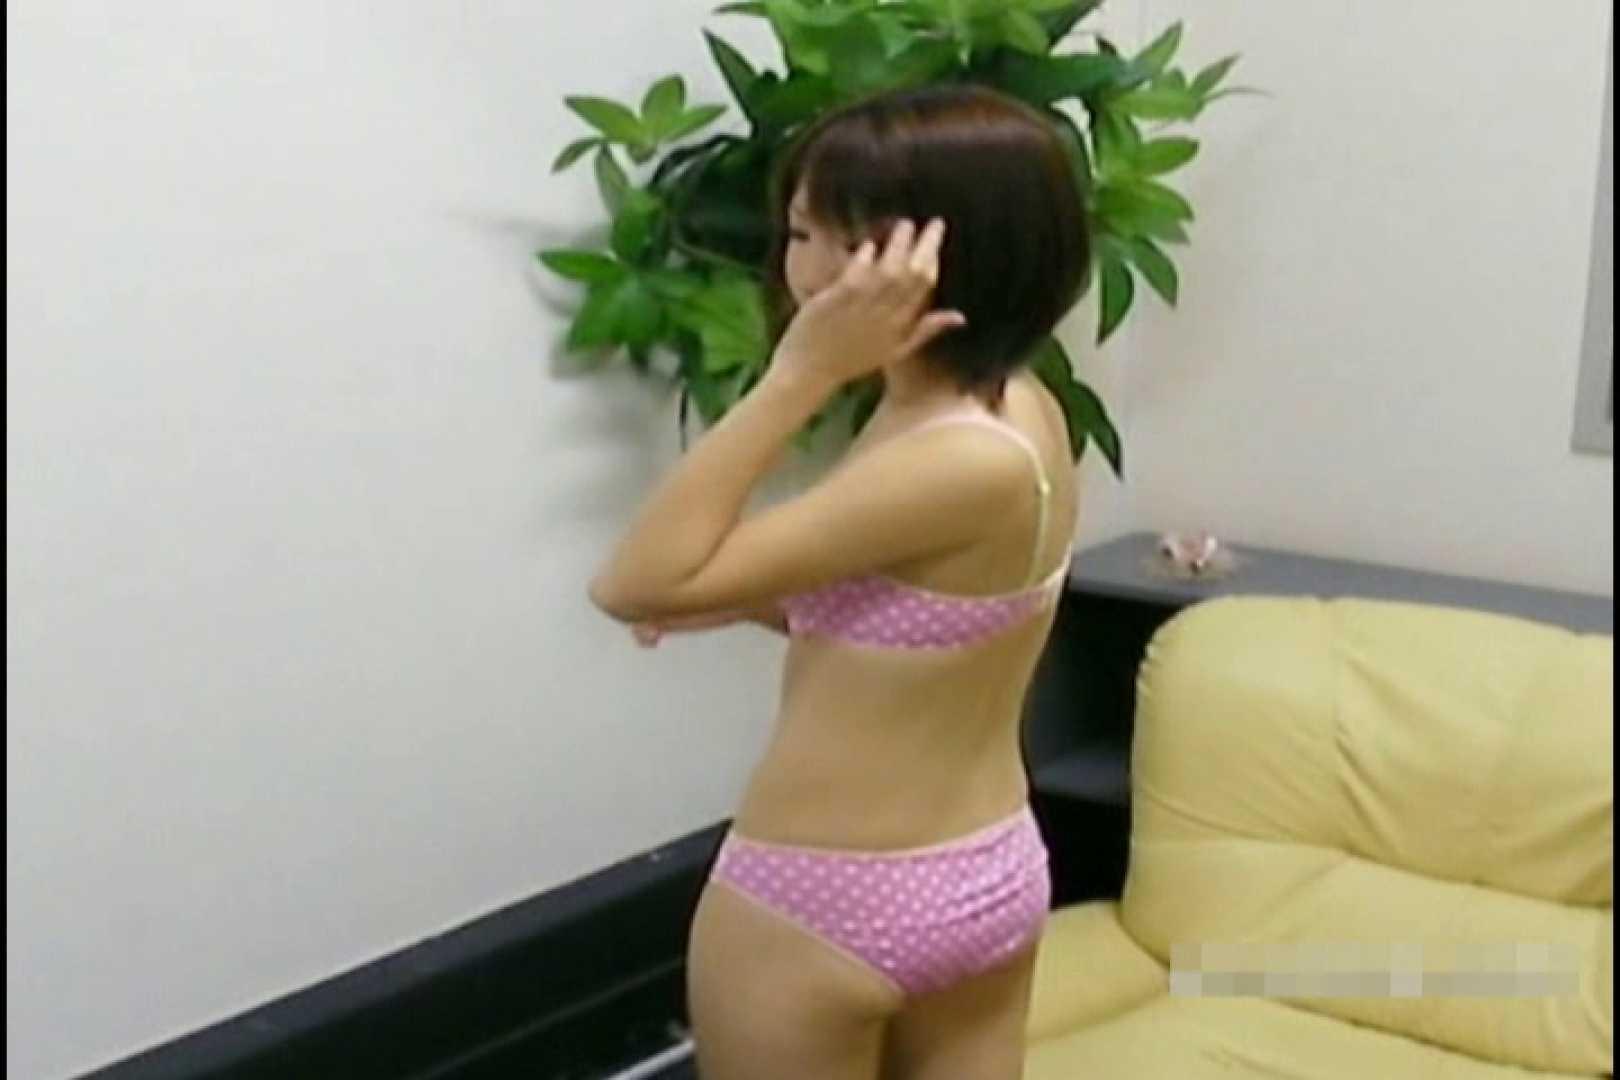 素人撮影 下着だけの撮影のはずが・・・れみ18歳 エッチな素人 ワレメ無修正動画無料 77枚 66